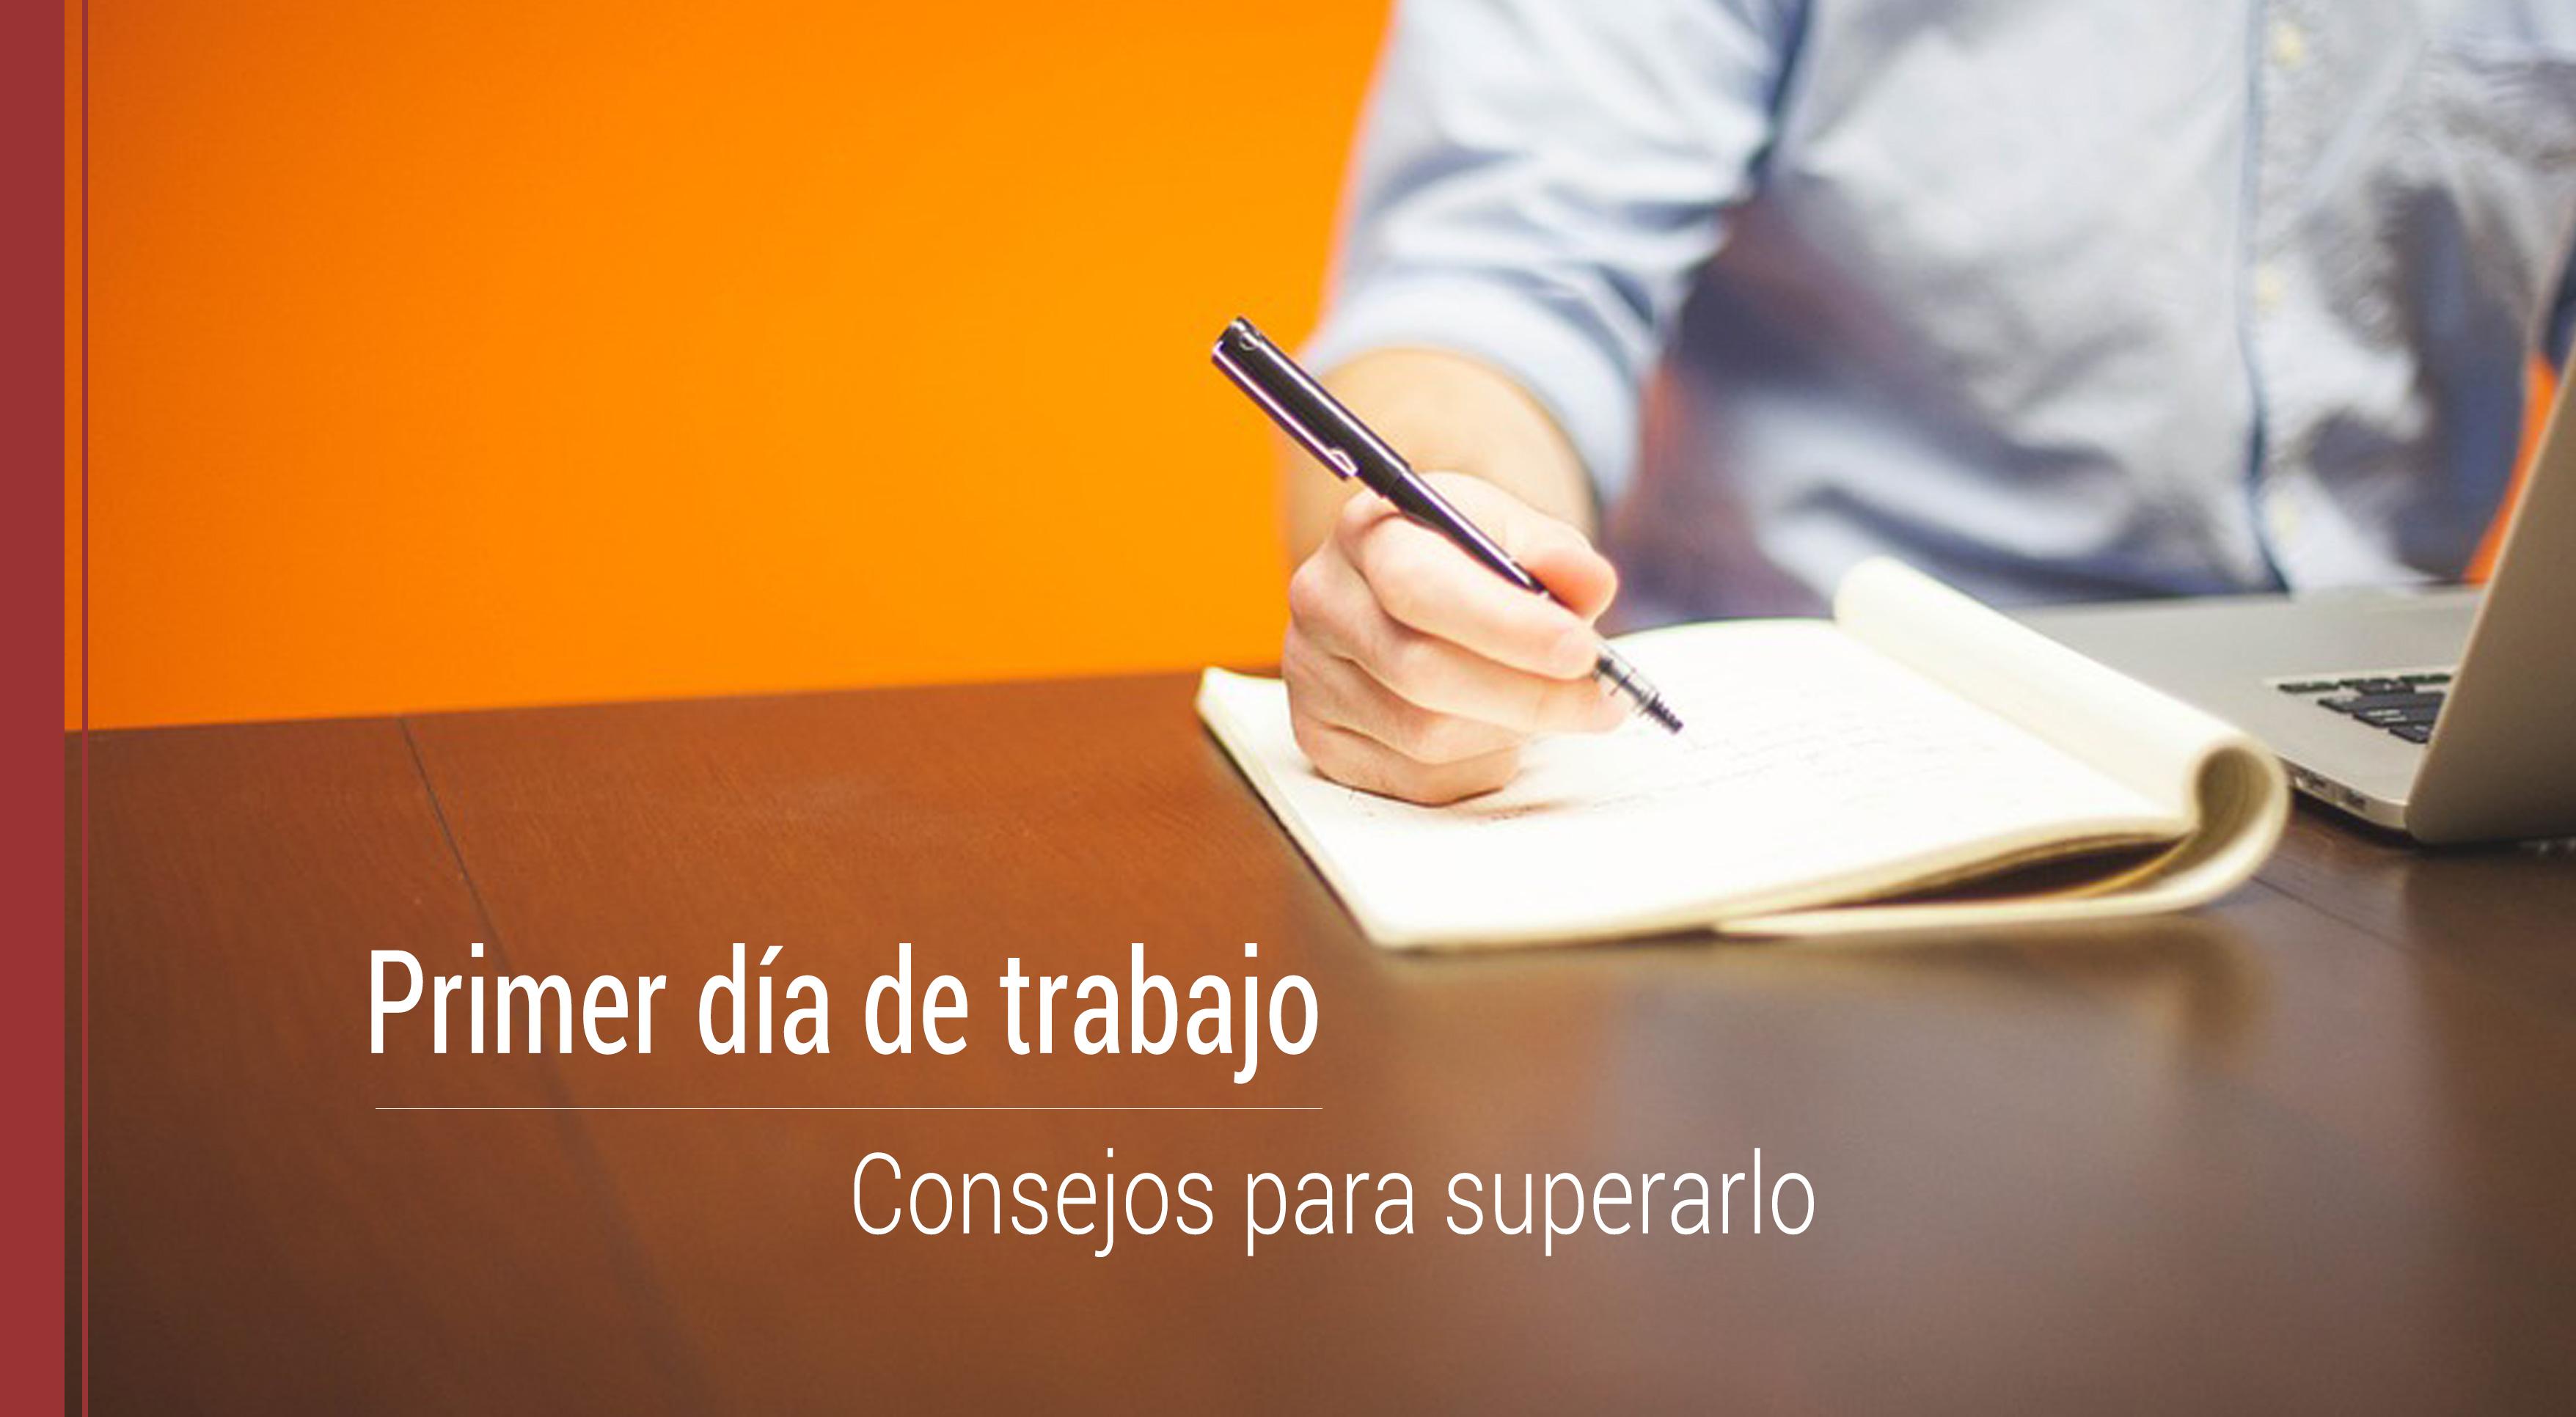 consejos-superar-primer-dia-de-trabajo Consejos realistas para superar el primer día de trabajo